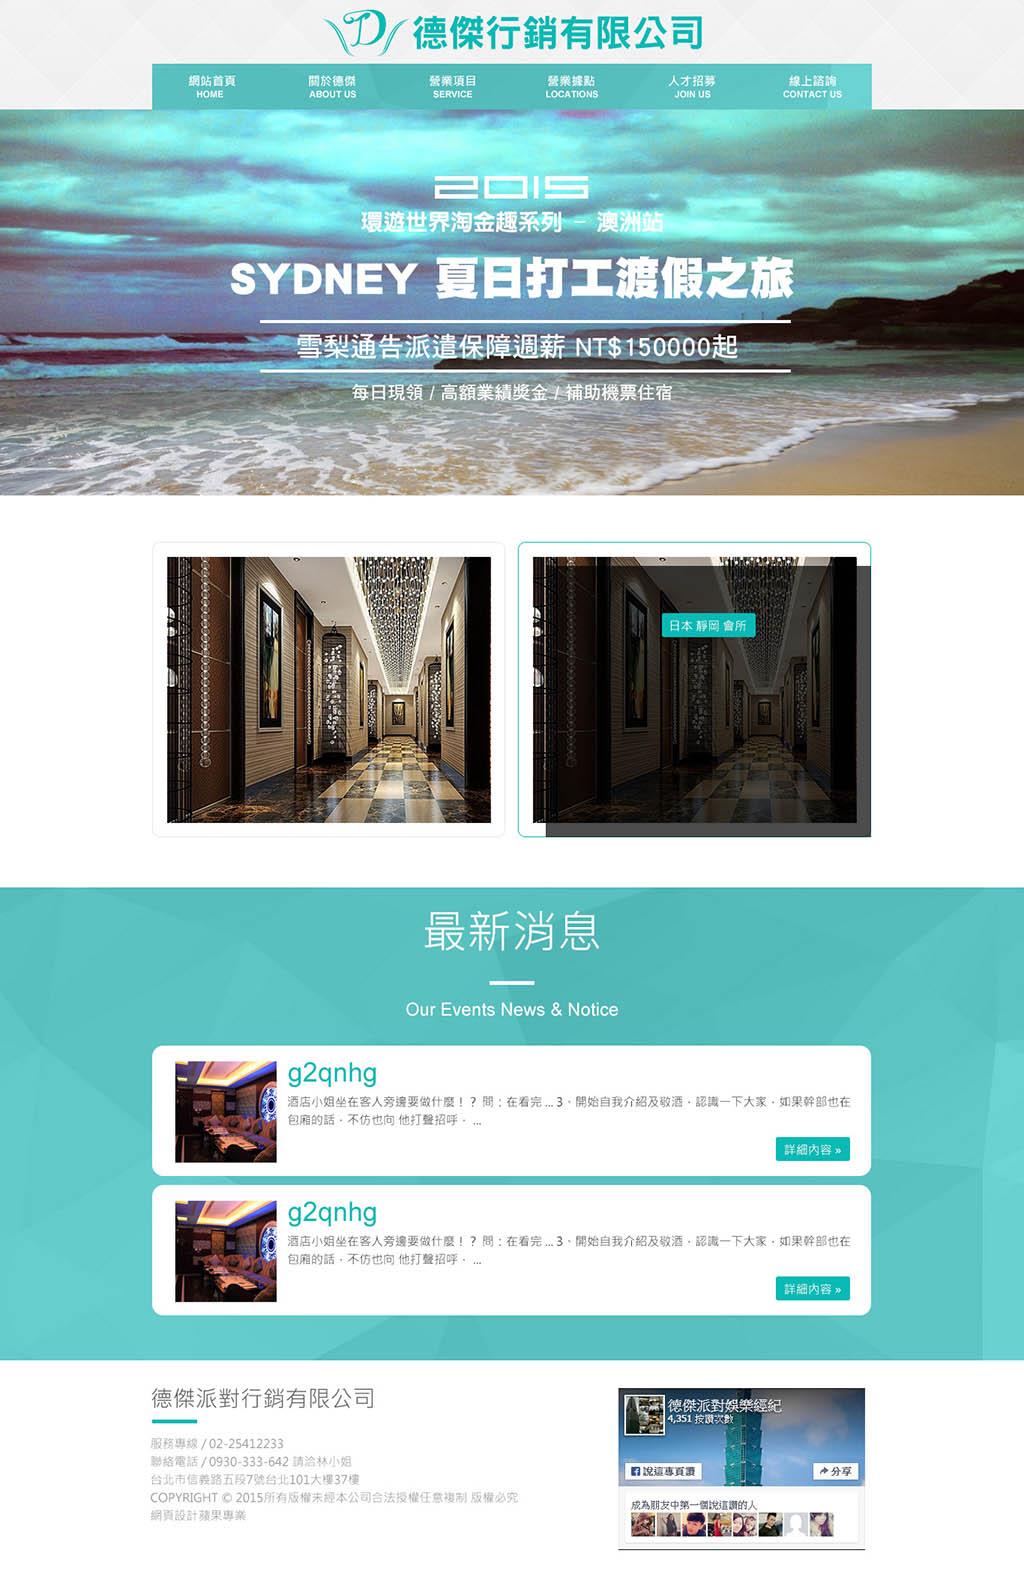 台北101德傑娛樂經濟團隊網頁設計